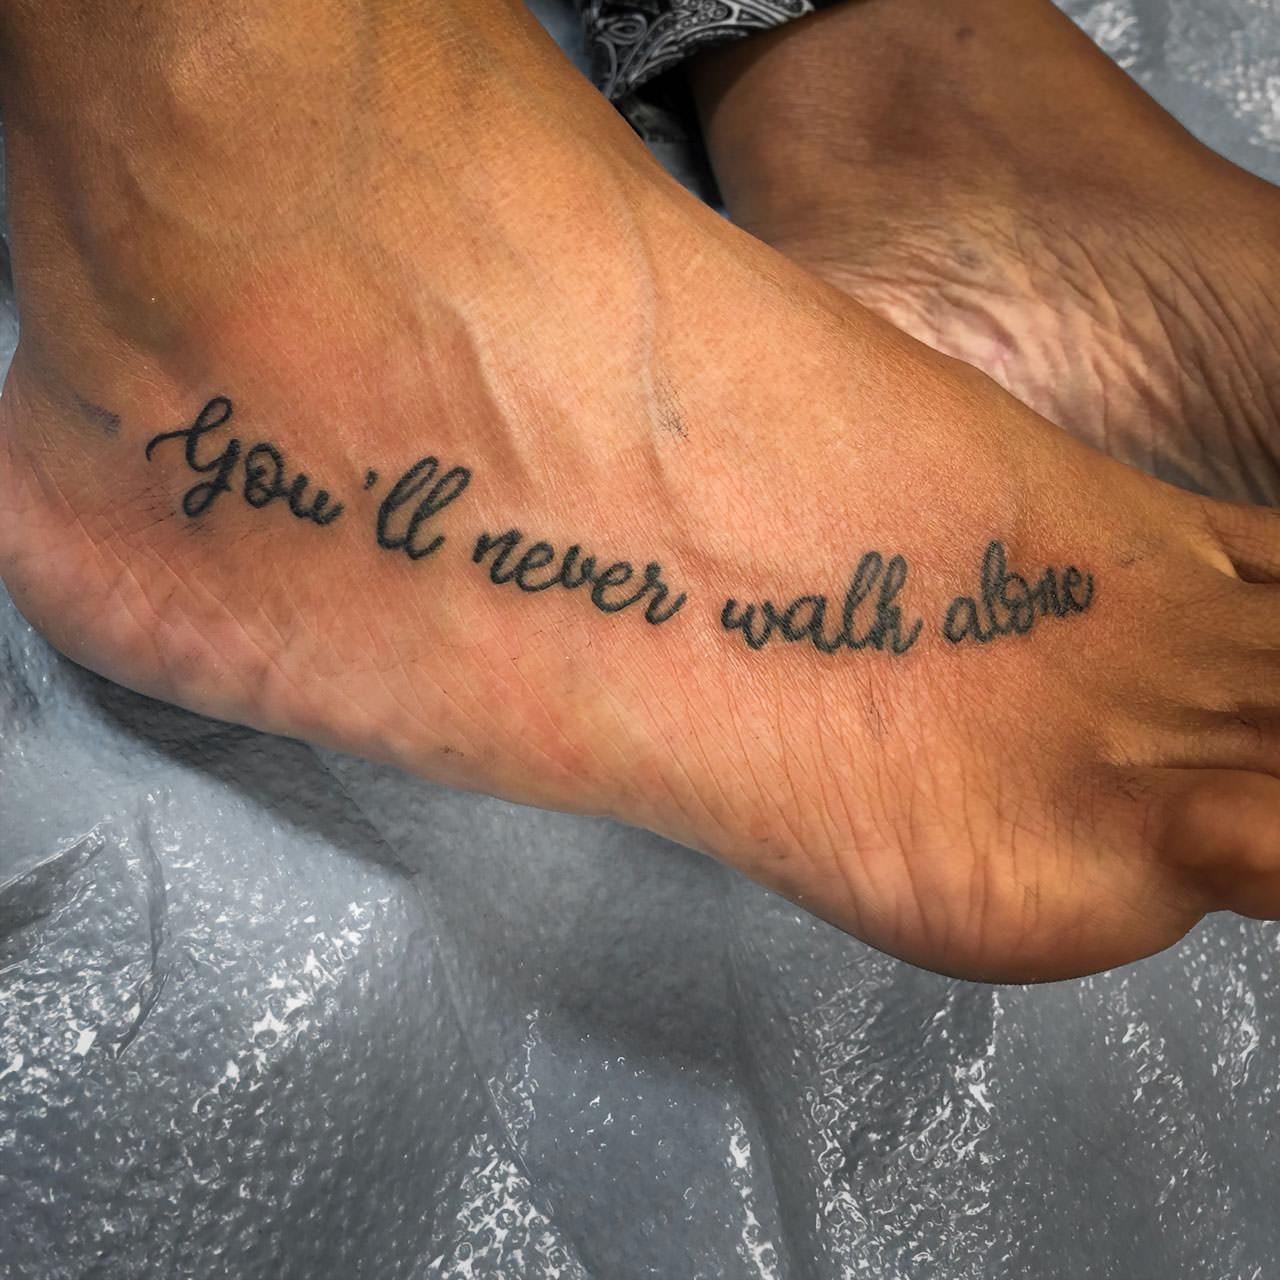 sonia-workman-foot-tattoo